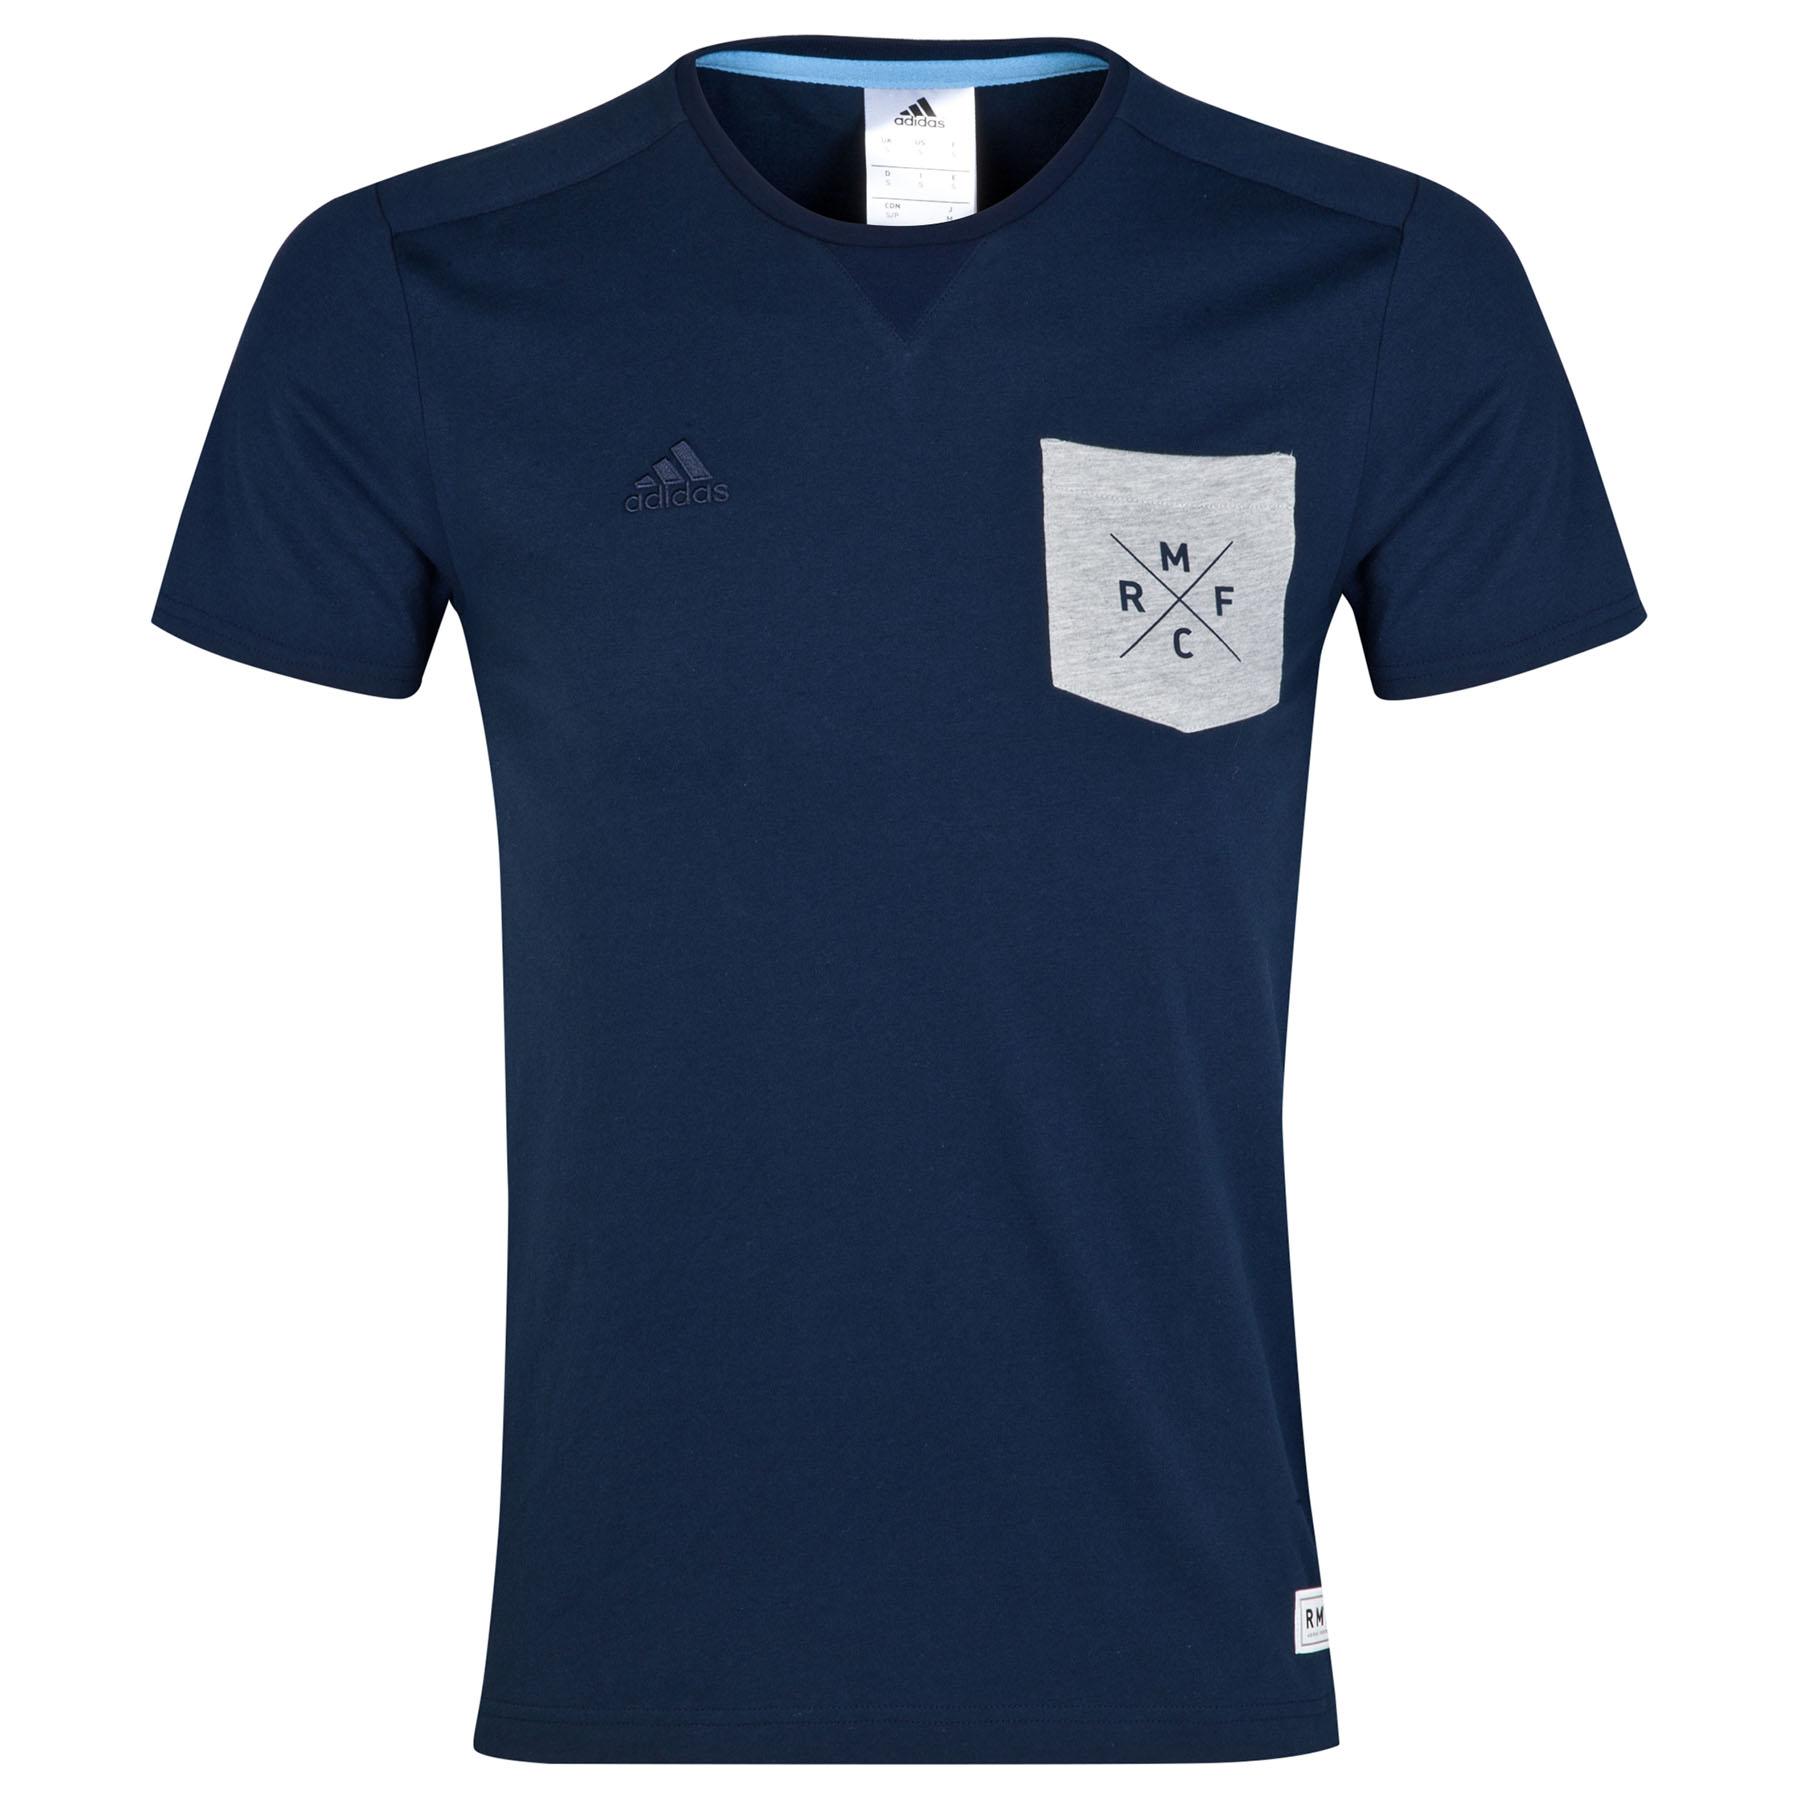 Футбольная форма Adidas !14-15 футбольная форма adidas 77008 pds tabela 14 ls